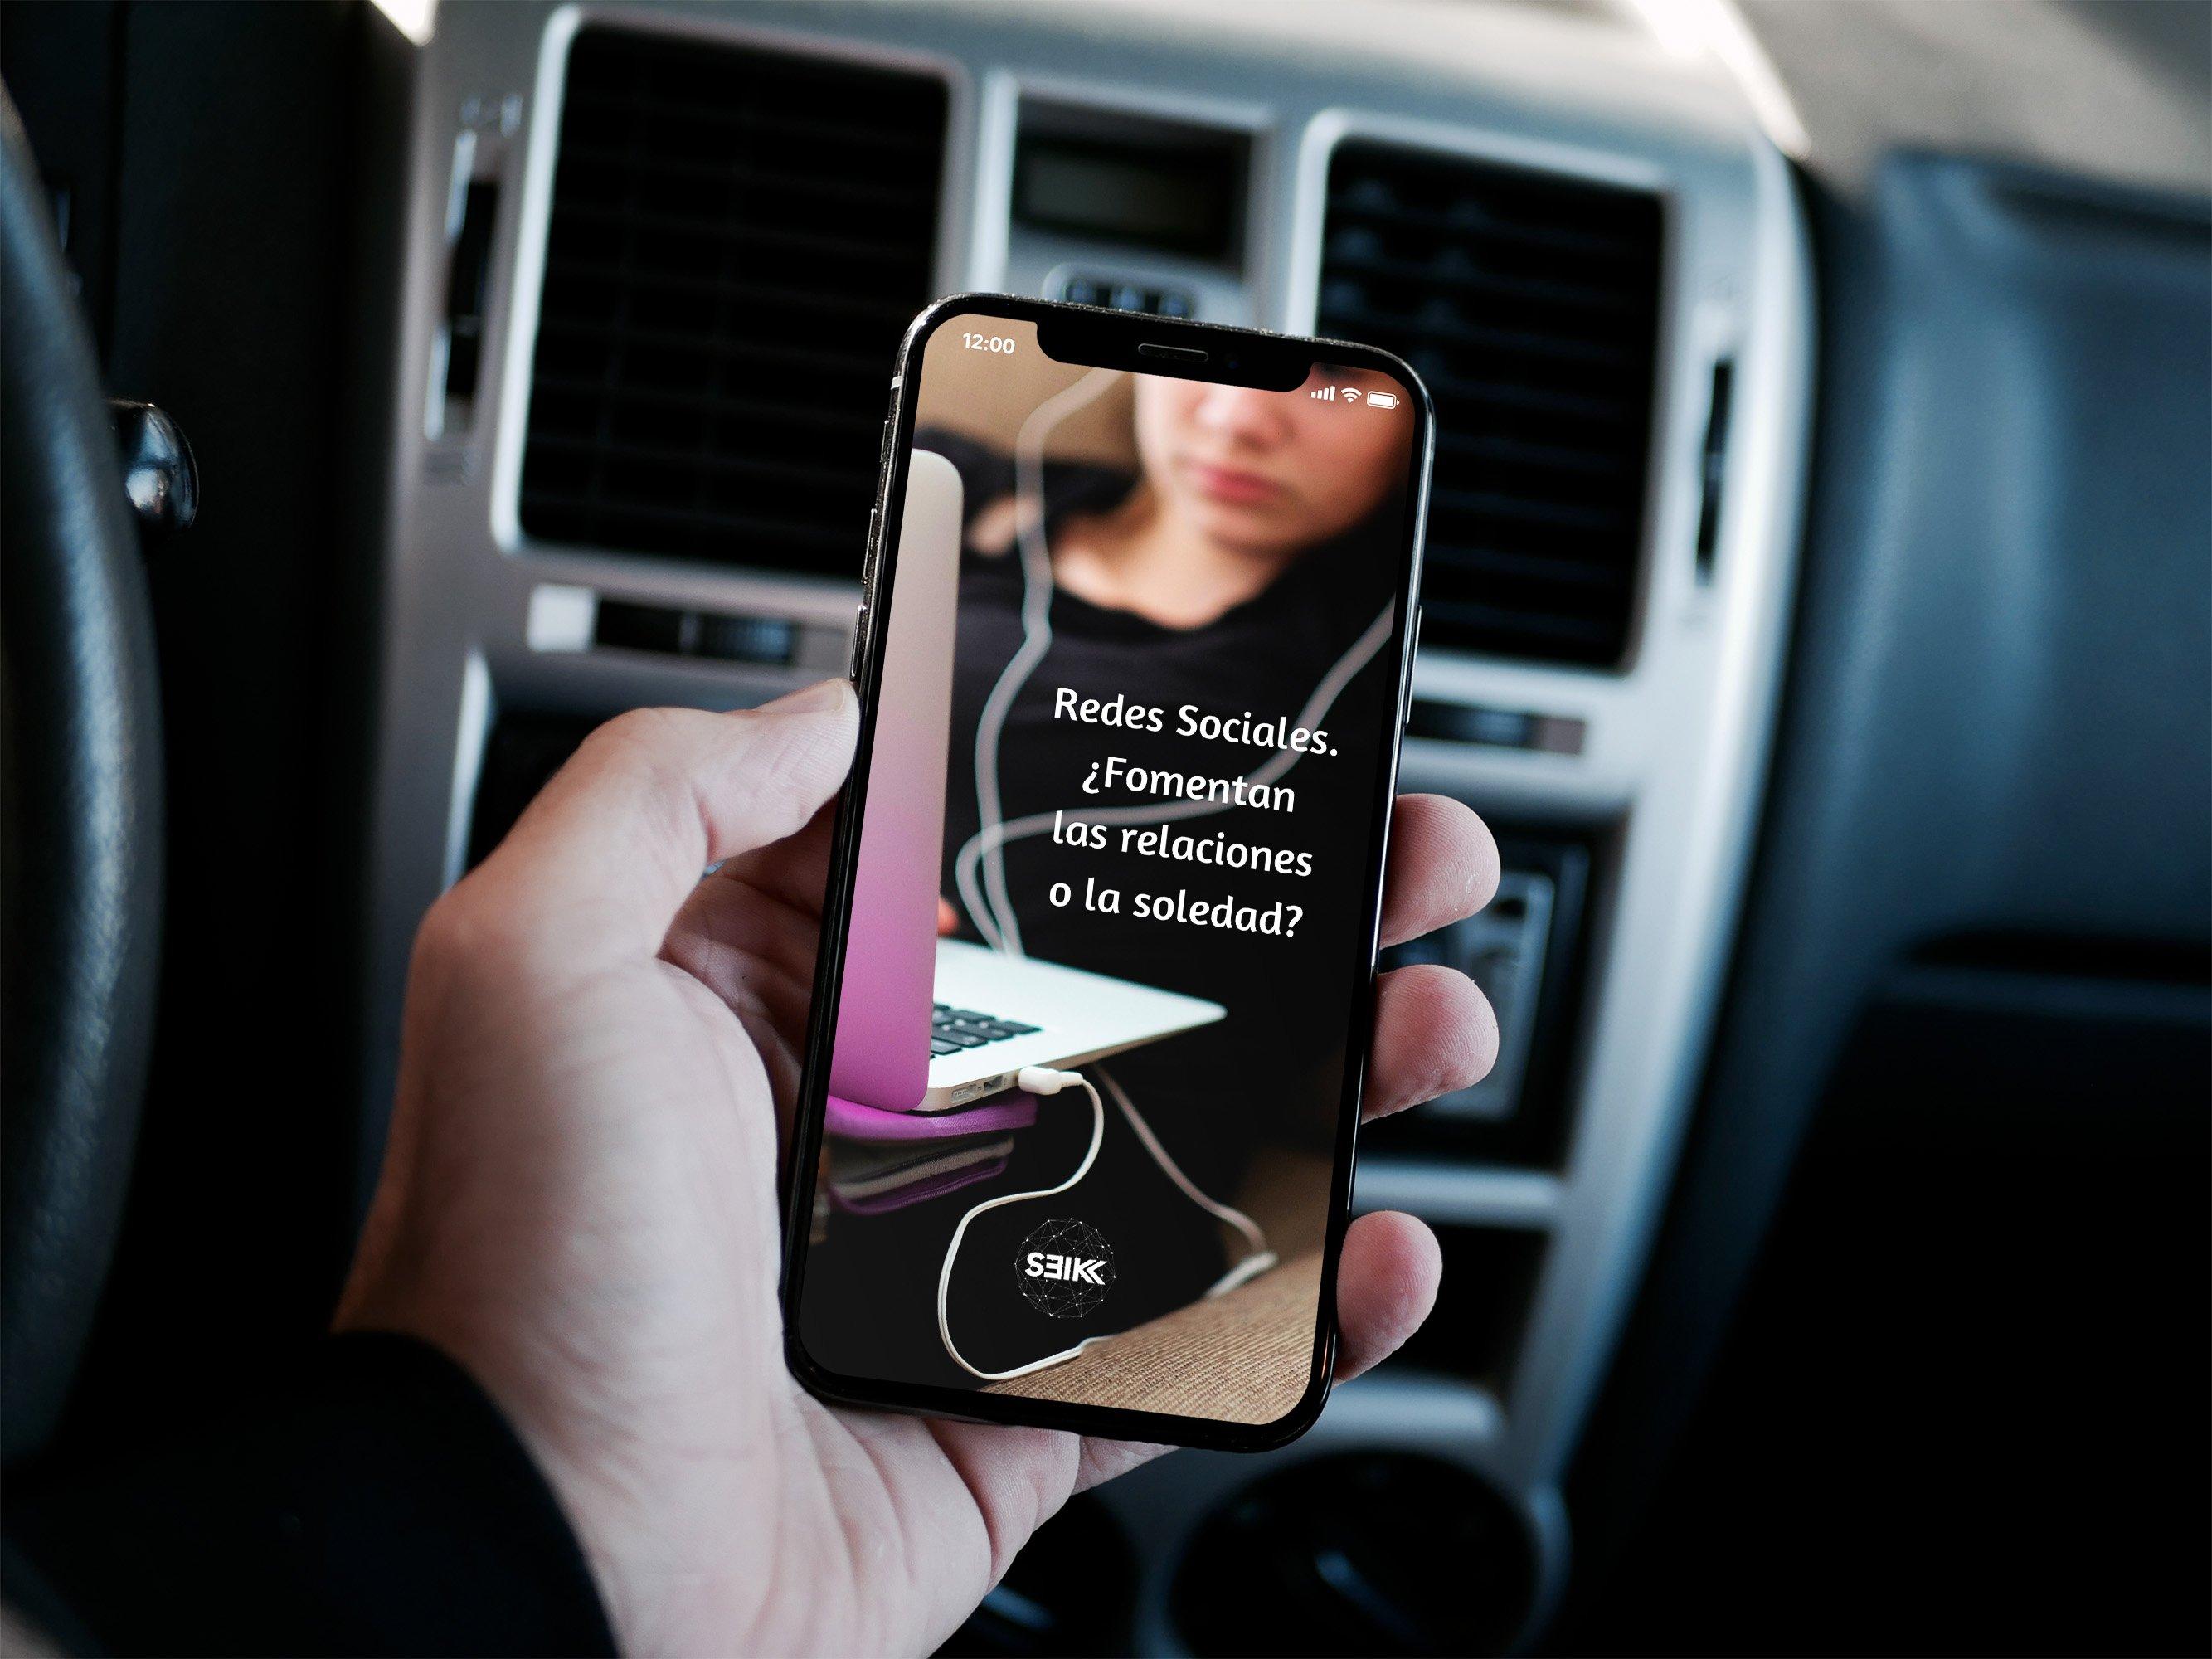 redes sociales fomentan compañia o soledad iphone x seik agencia de diseño web y redes sociales en gipuzkoa